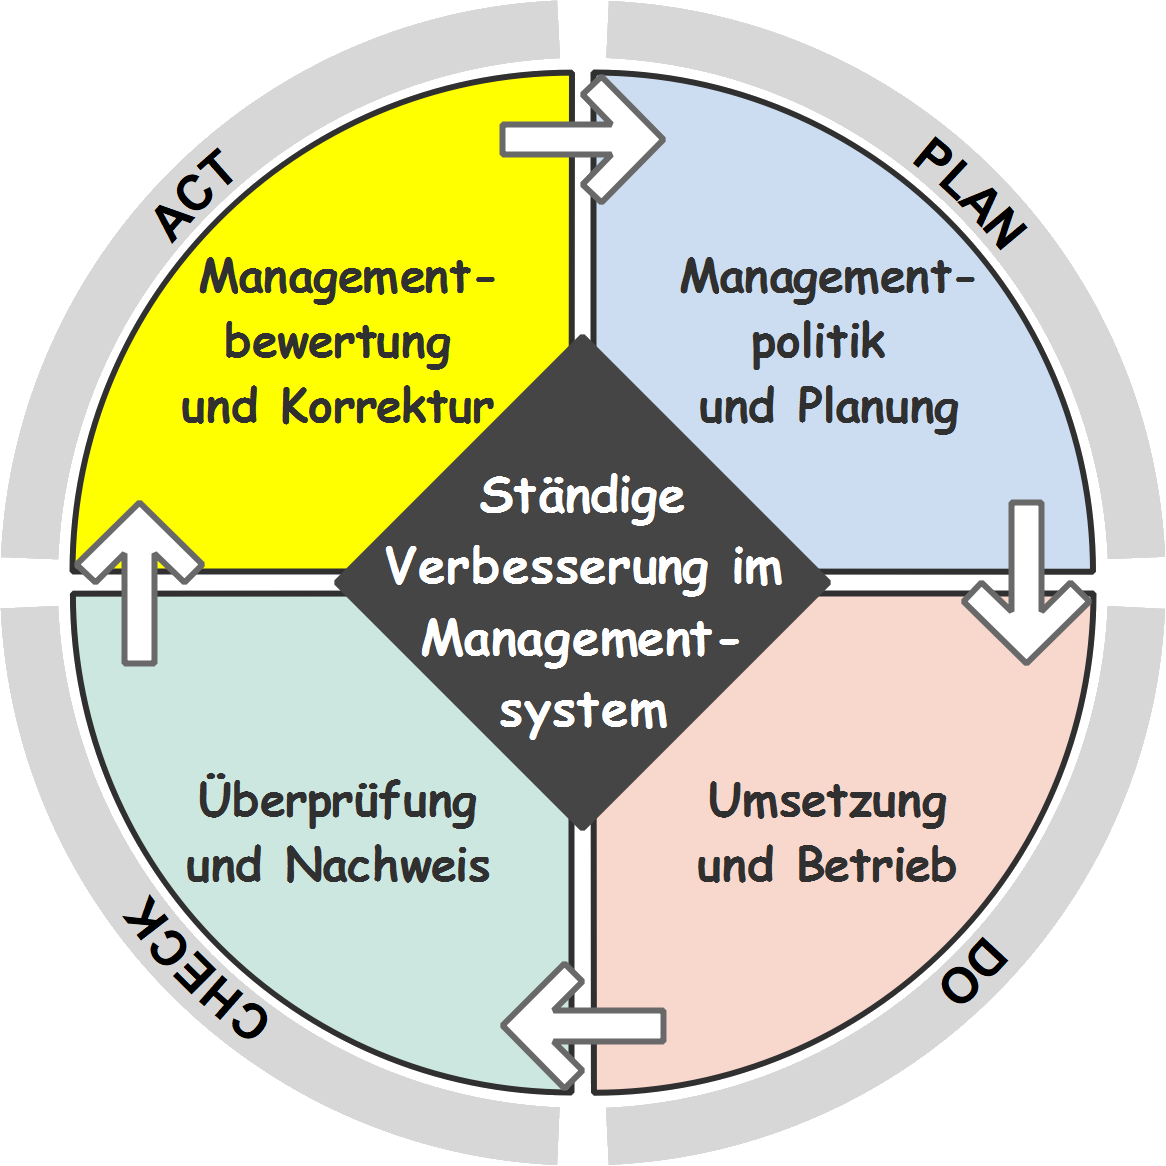 Demingkreis (PDCA-Zyklus) - Demingregelkreis